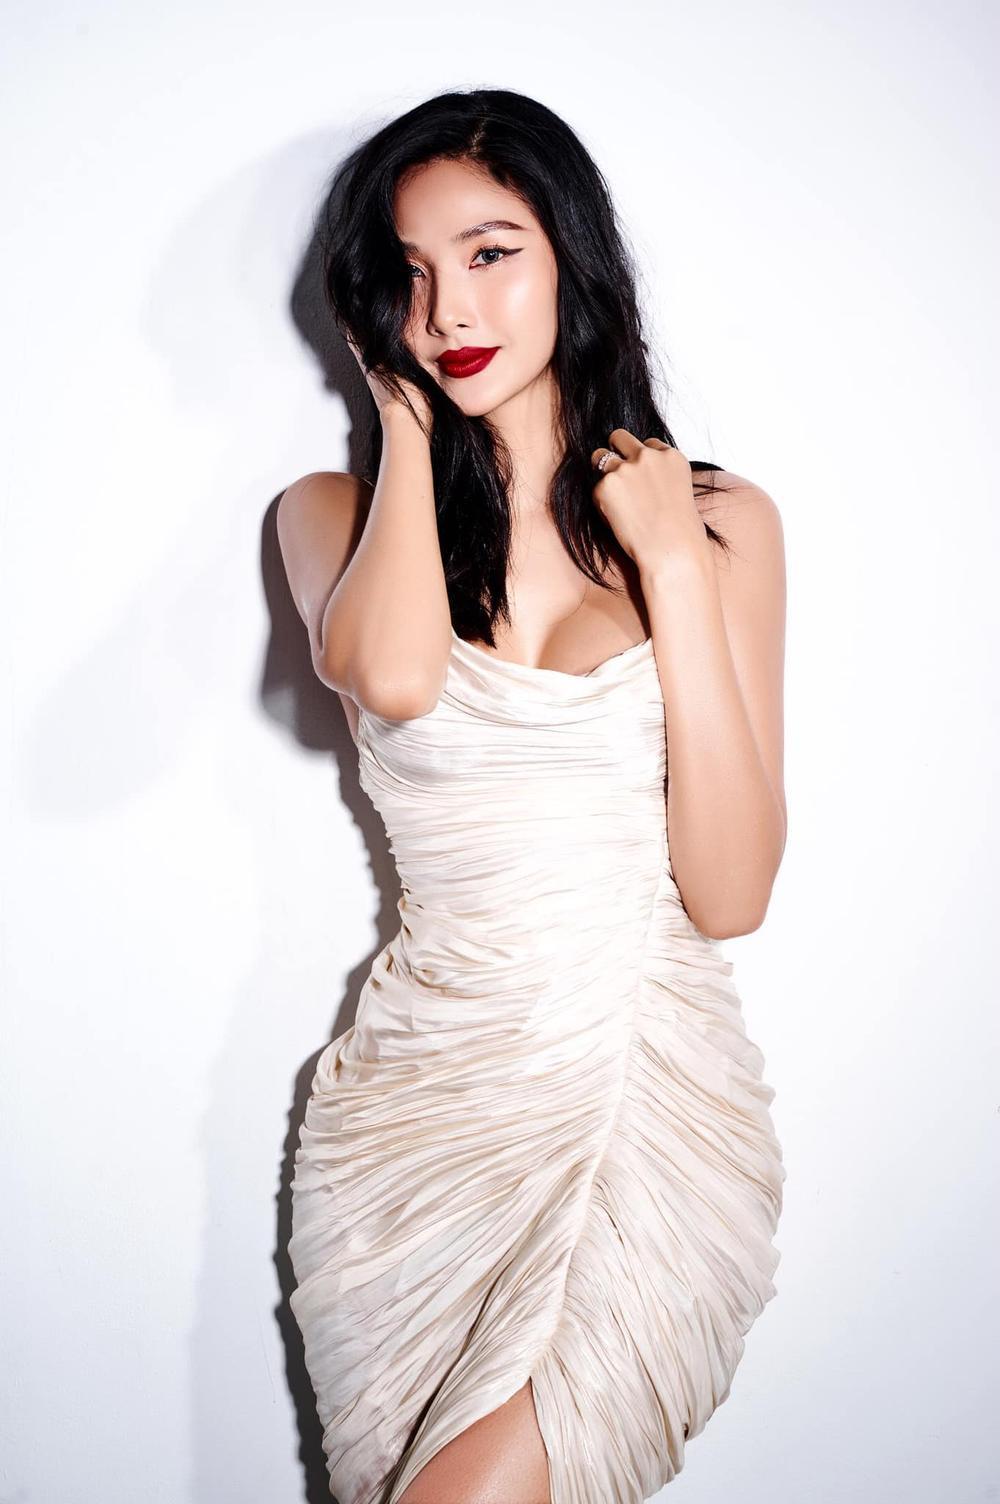 Hoàng Thùy bất ngờ ủng hộ Miss Universe Vietnam trao 2 vương miện cho 2 hoa hậu? Ảnh 4